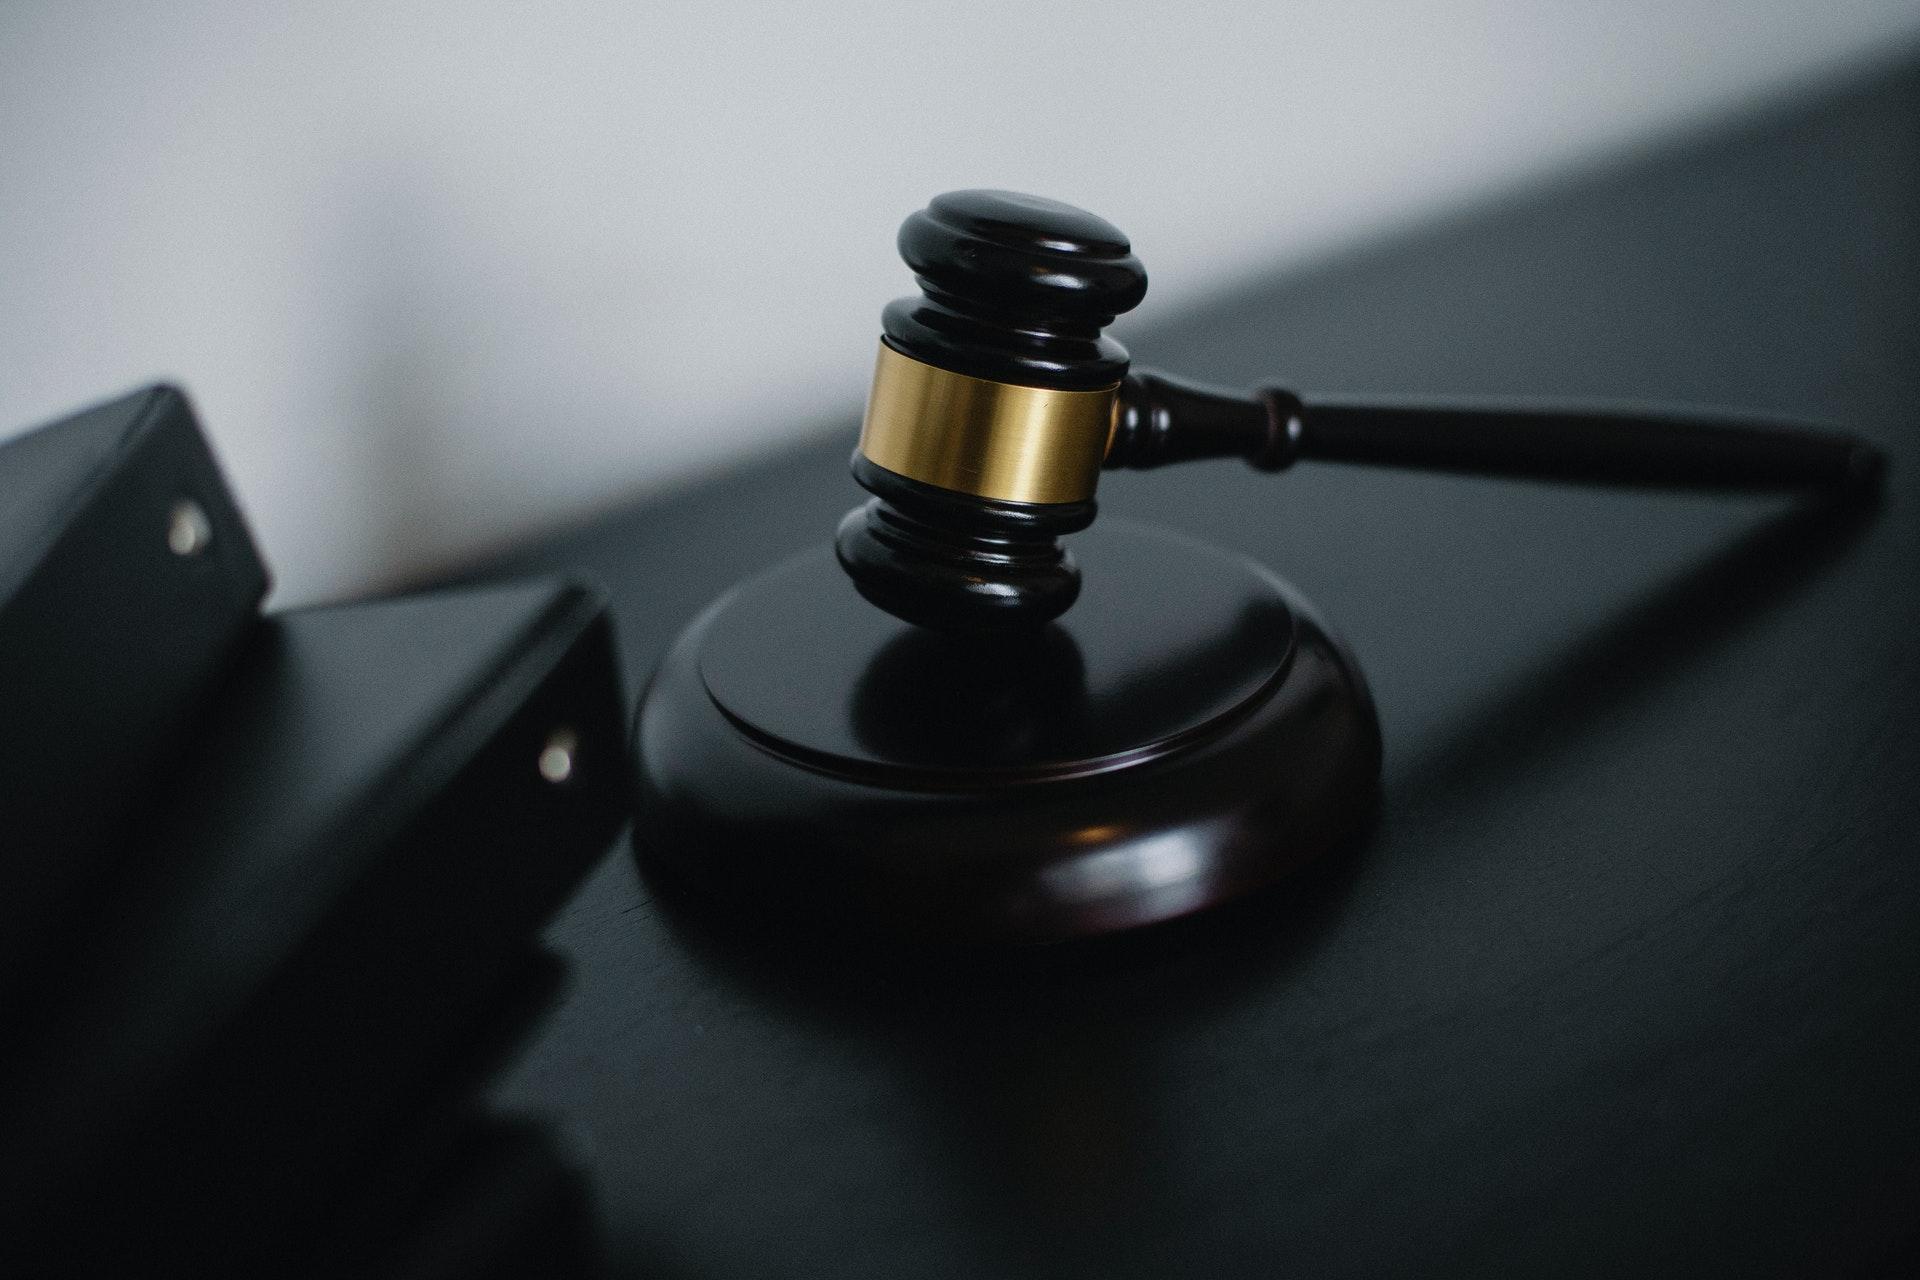 Представительство в суде и гос. органах